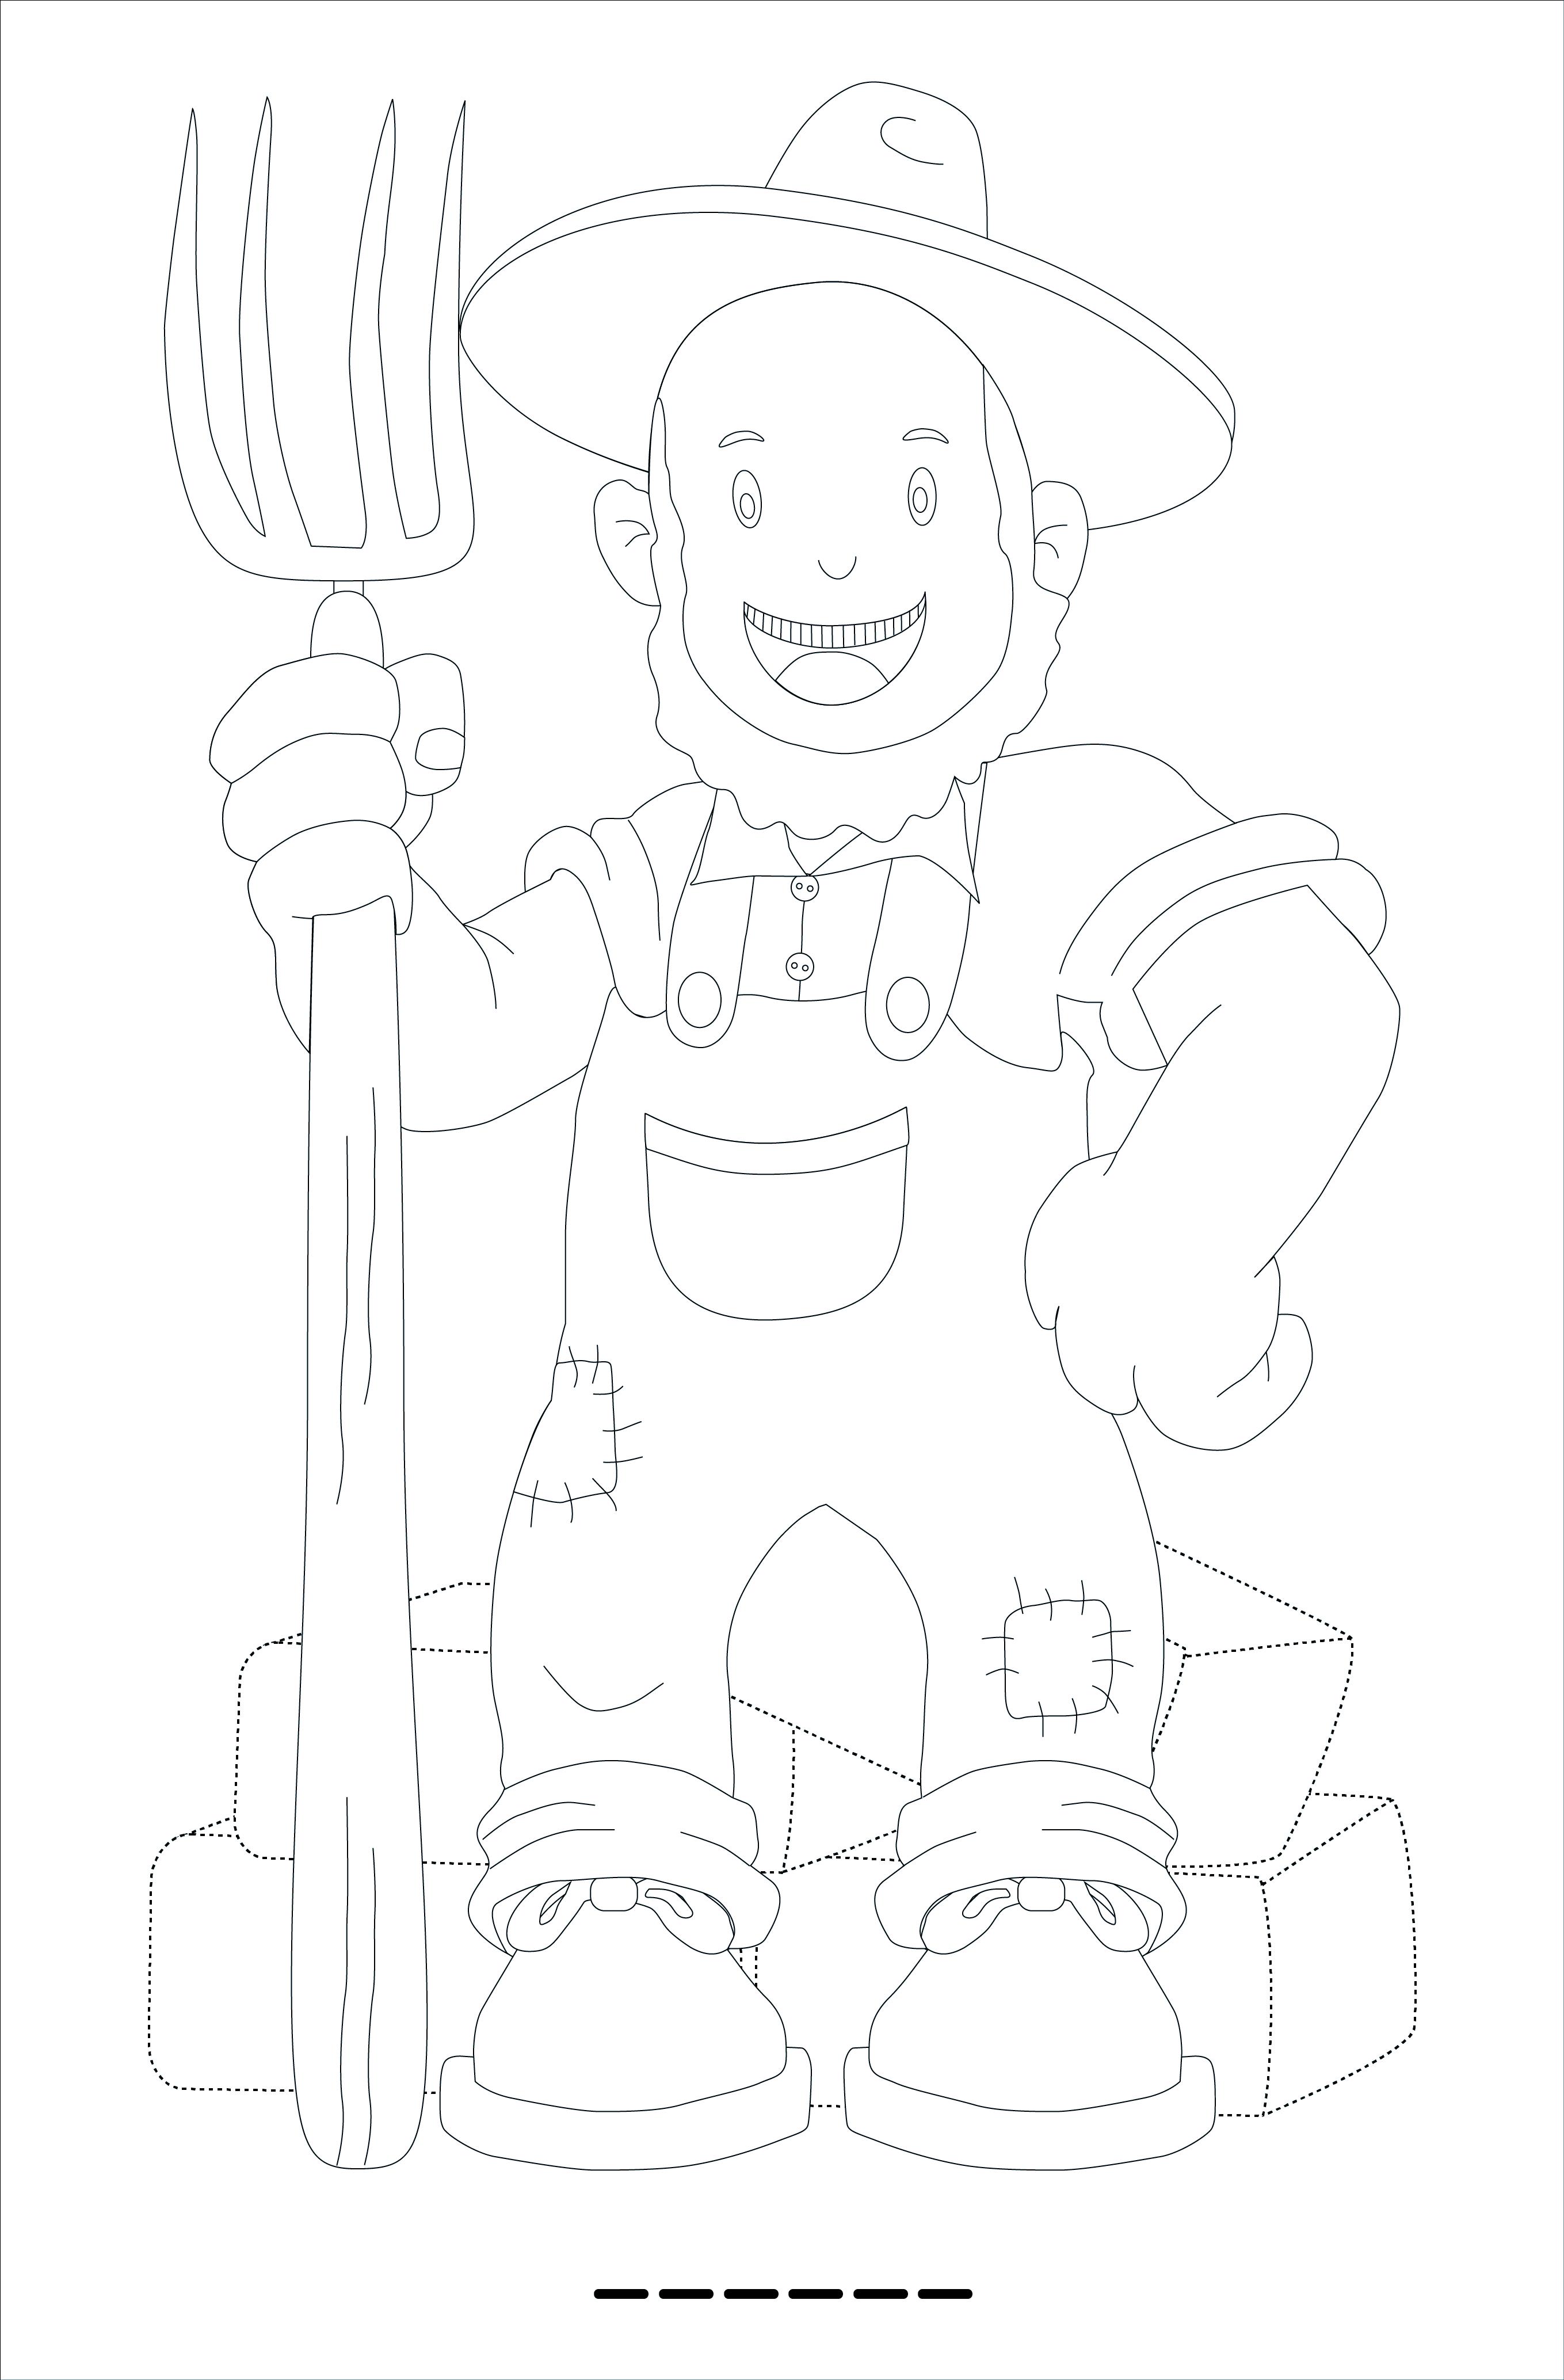 Tranh vẽ tô màu bác nông dân đơn giản cho bé